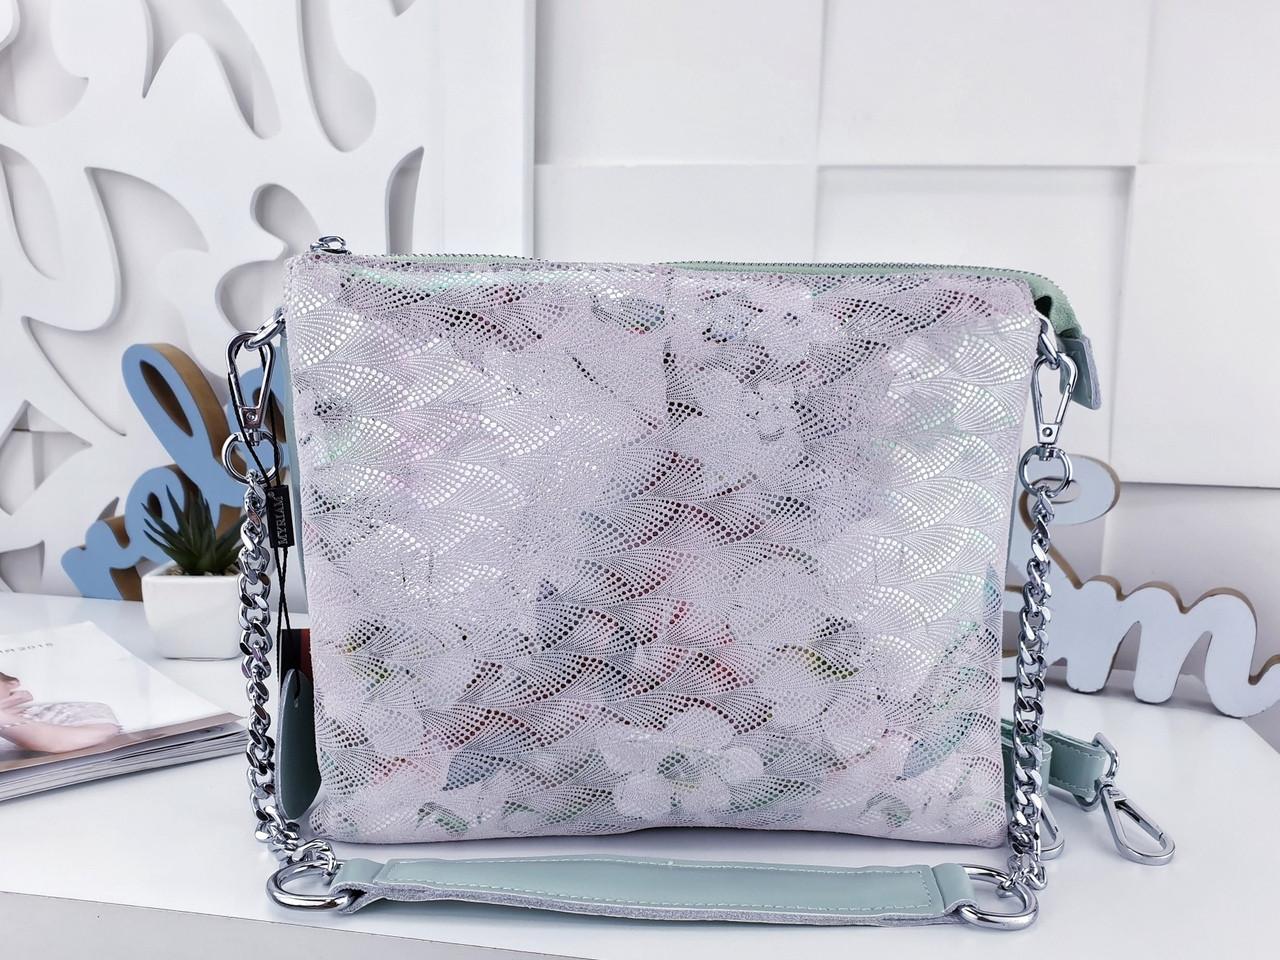 Женская сумка-клатч цвета мята с принтом, натуральная кожа